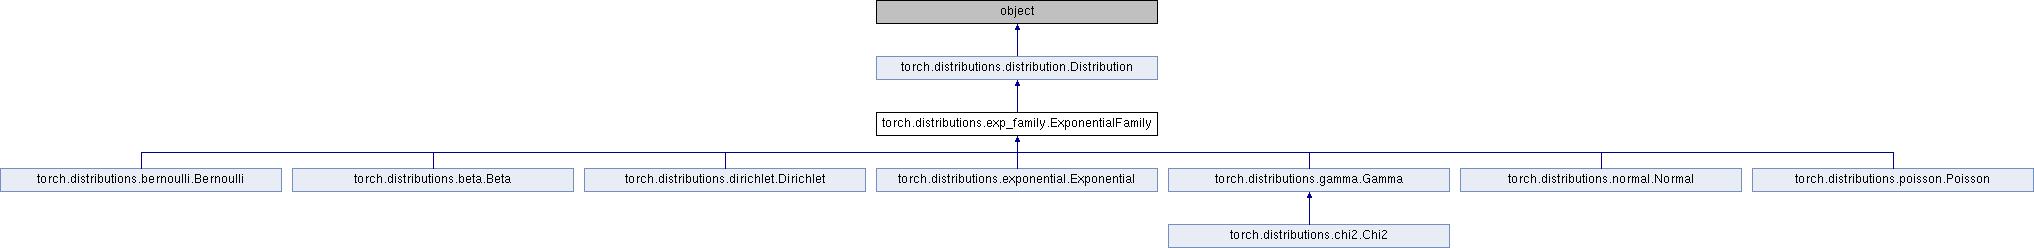 Caffe2 - Python API: torch distributions exp_family